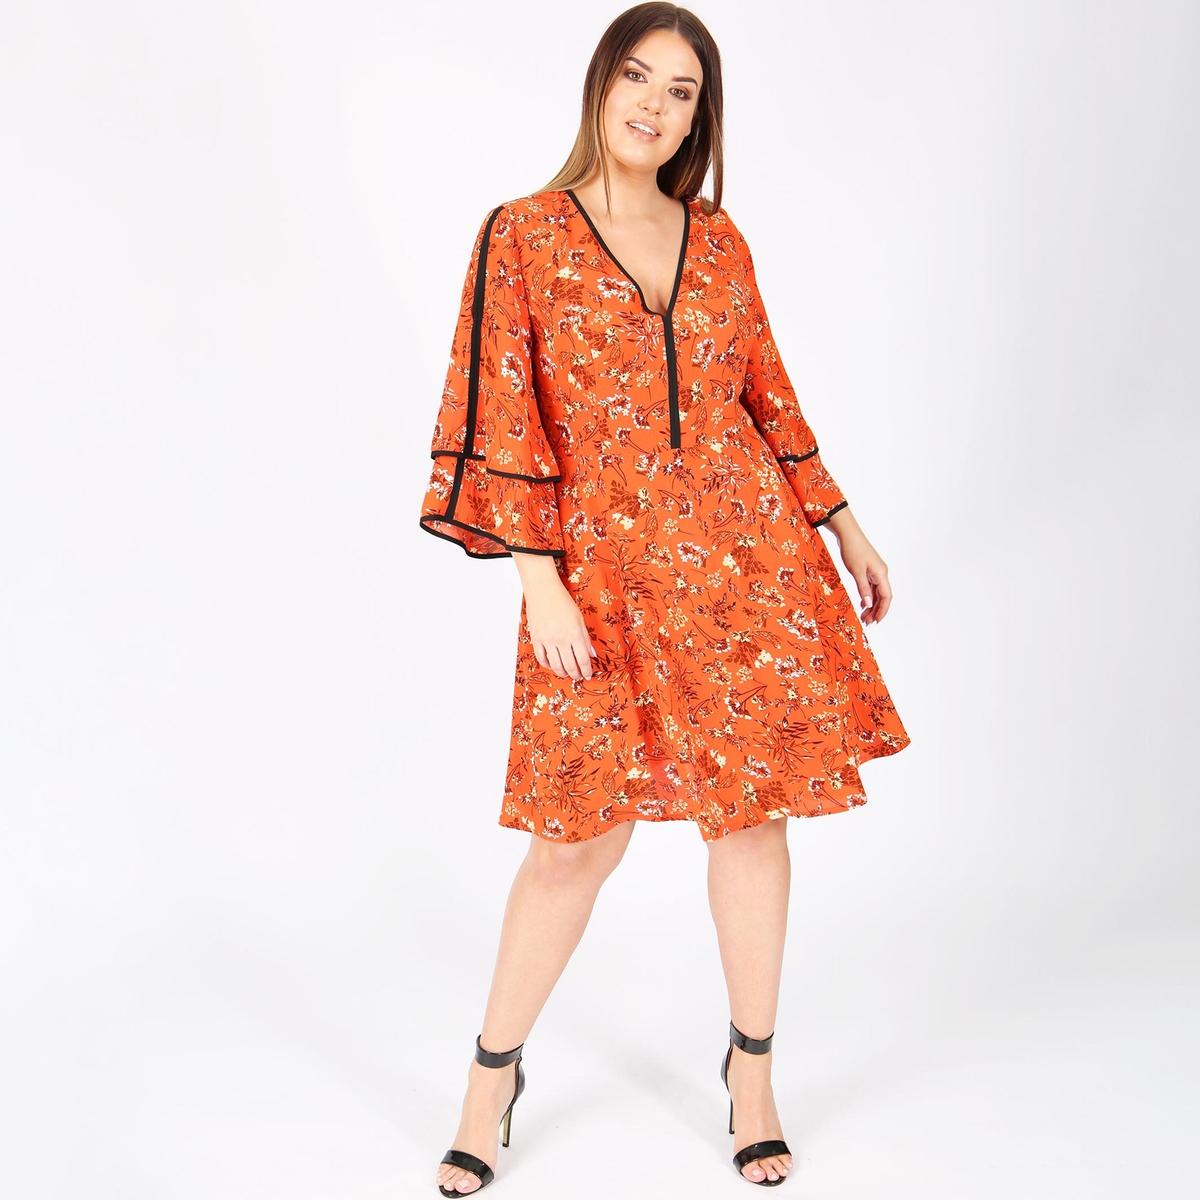 Платье расклешенное средней длины с рисункомДетали •  Форма: расклешенная •  Длина до колен •  Рукава 3/4    •   V-образный вырез •  Рисунок-принтСостав и уход •  100 % полиэстер •  Следуйте советам по уходу, указанным на этикеткеТовар из коллекции больших размеров<br><br>Цвет: рисунок/оранжевый<br>Размер: 48 (FR) - 54 (RUS)